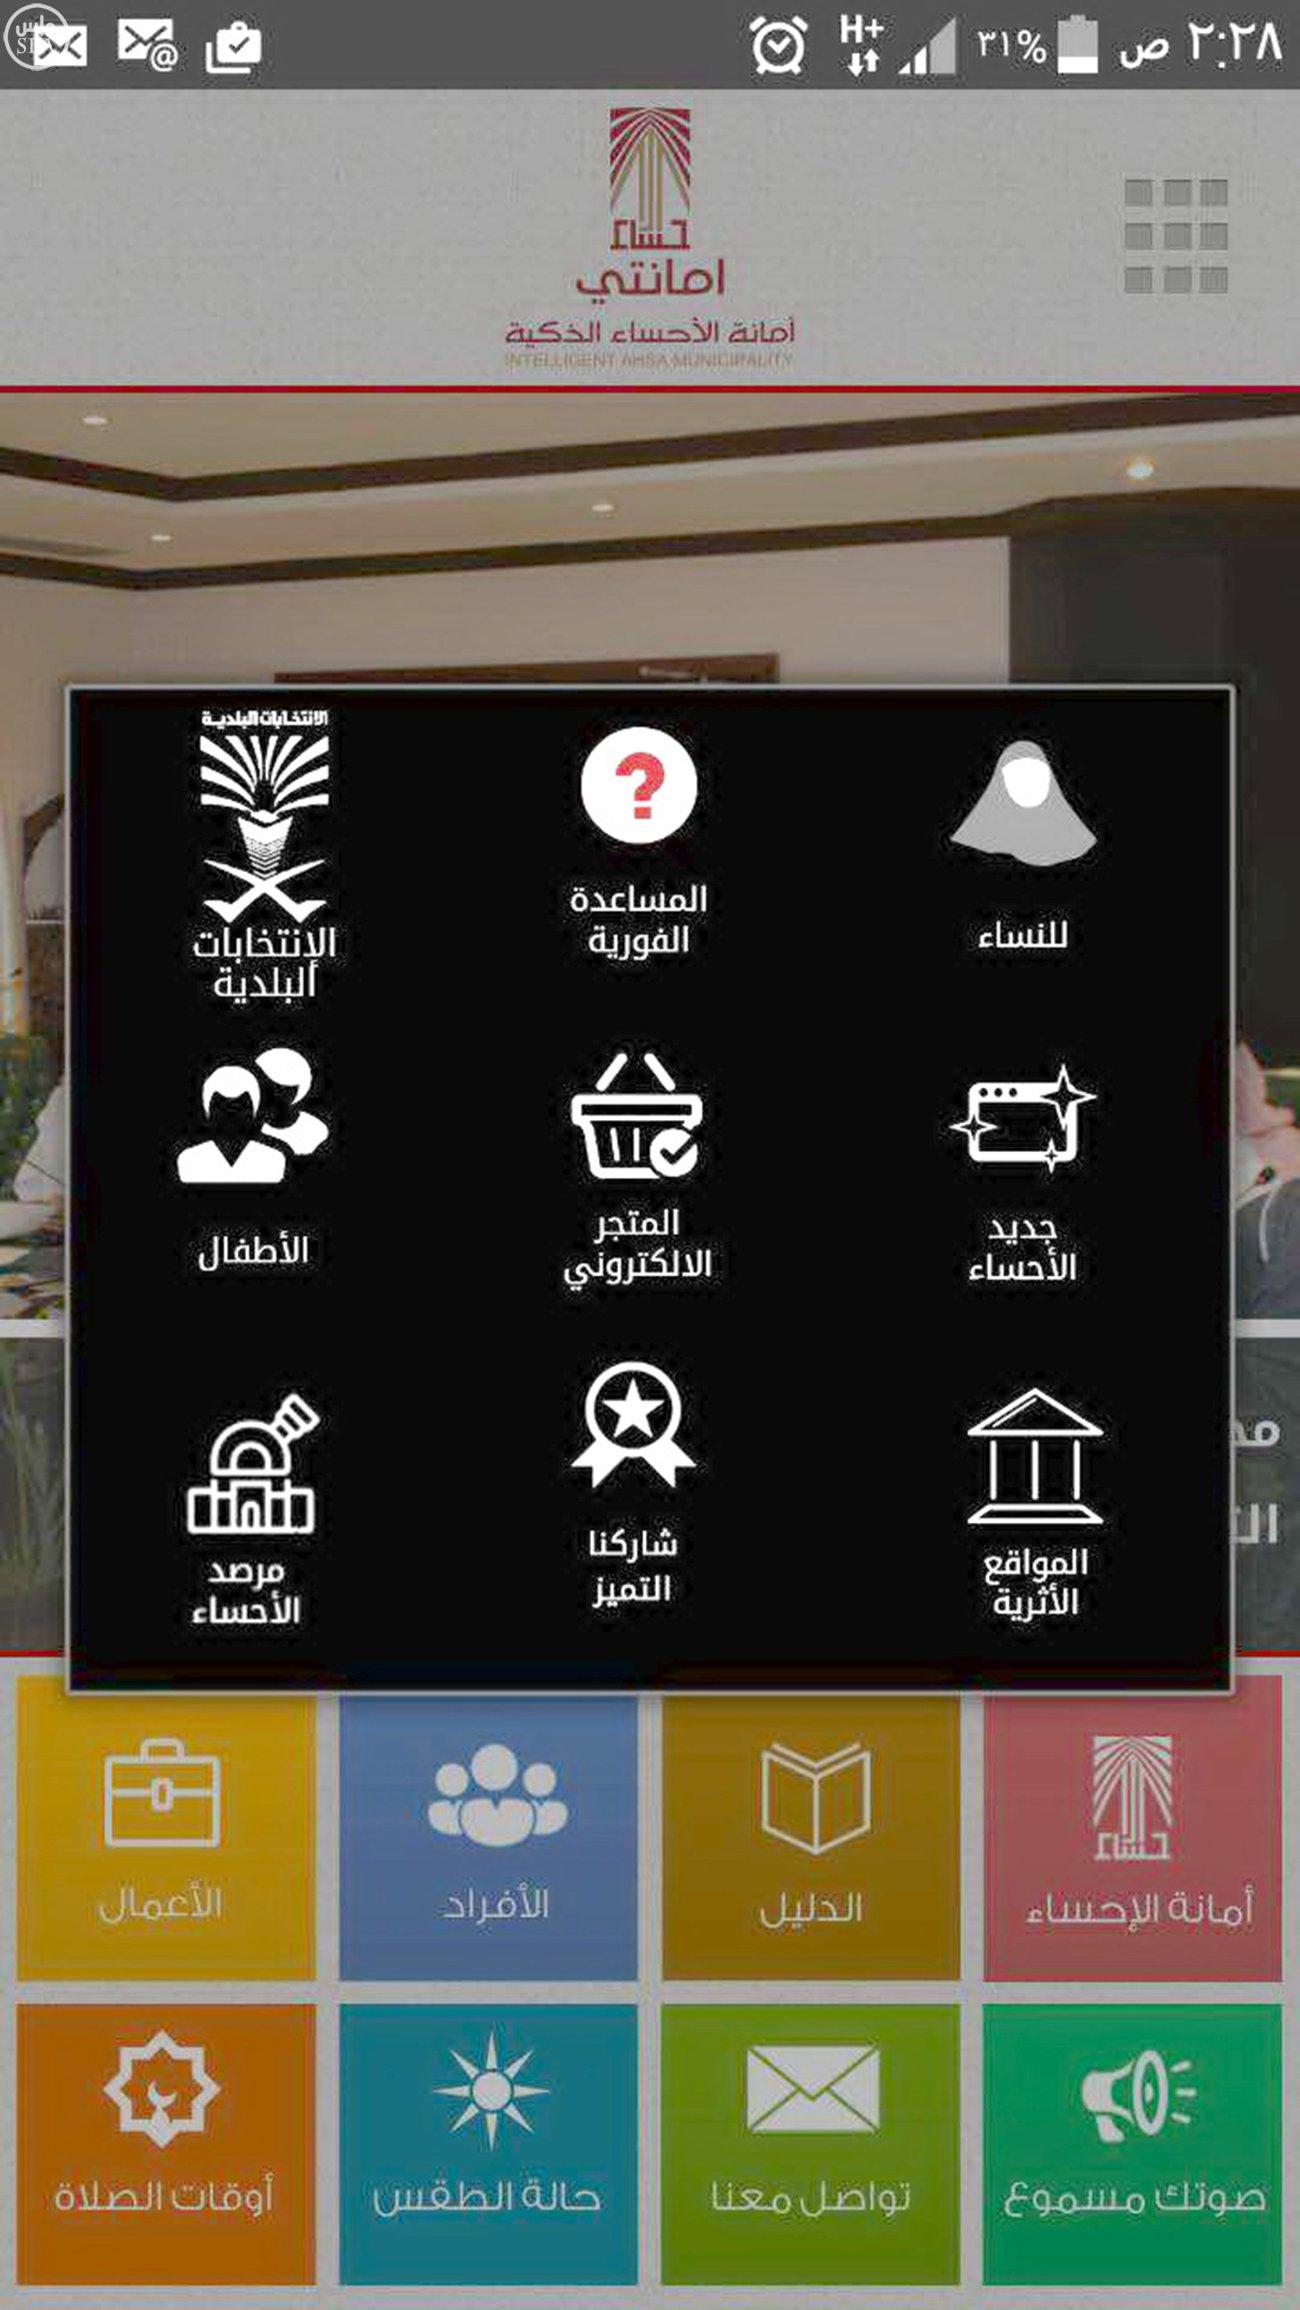 أمانة الأحساء تفعل خدمة خاصة بالانتخابات البلدية عبر الأجهزة الذكية